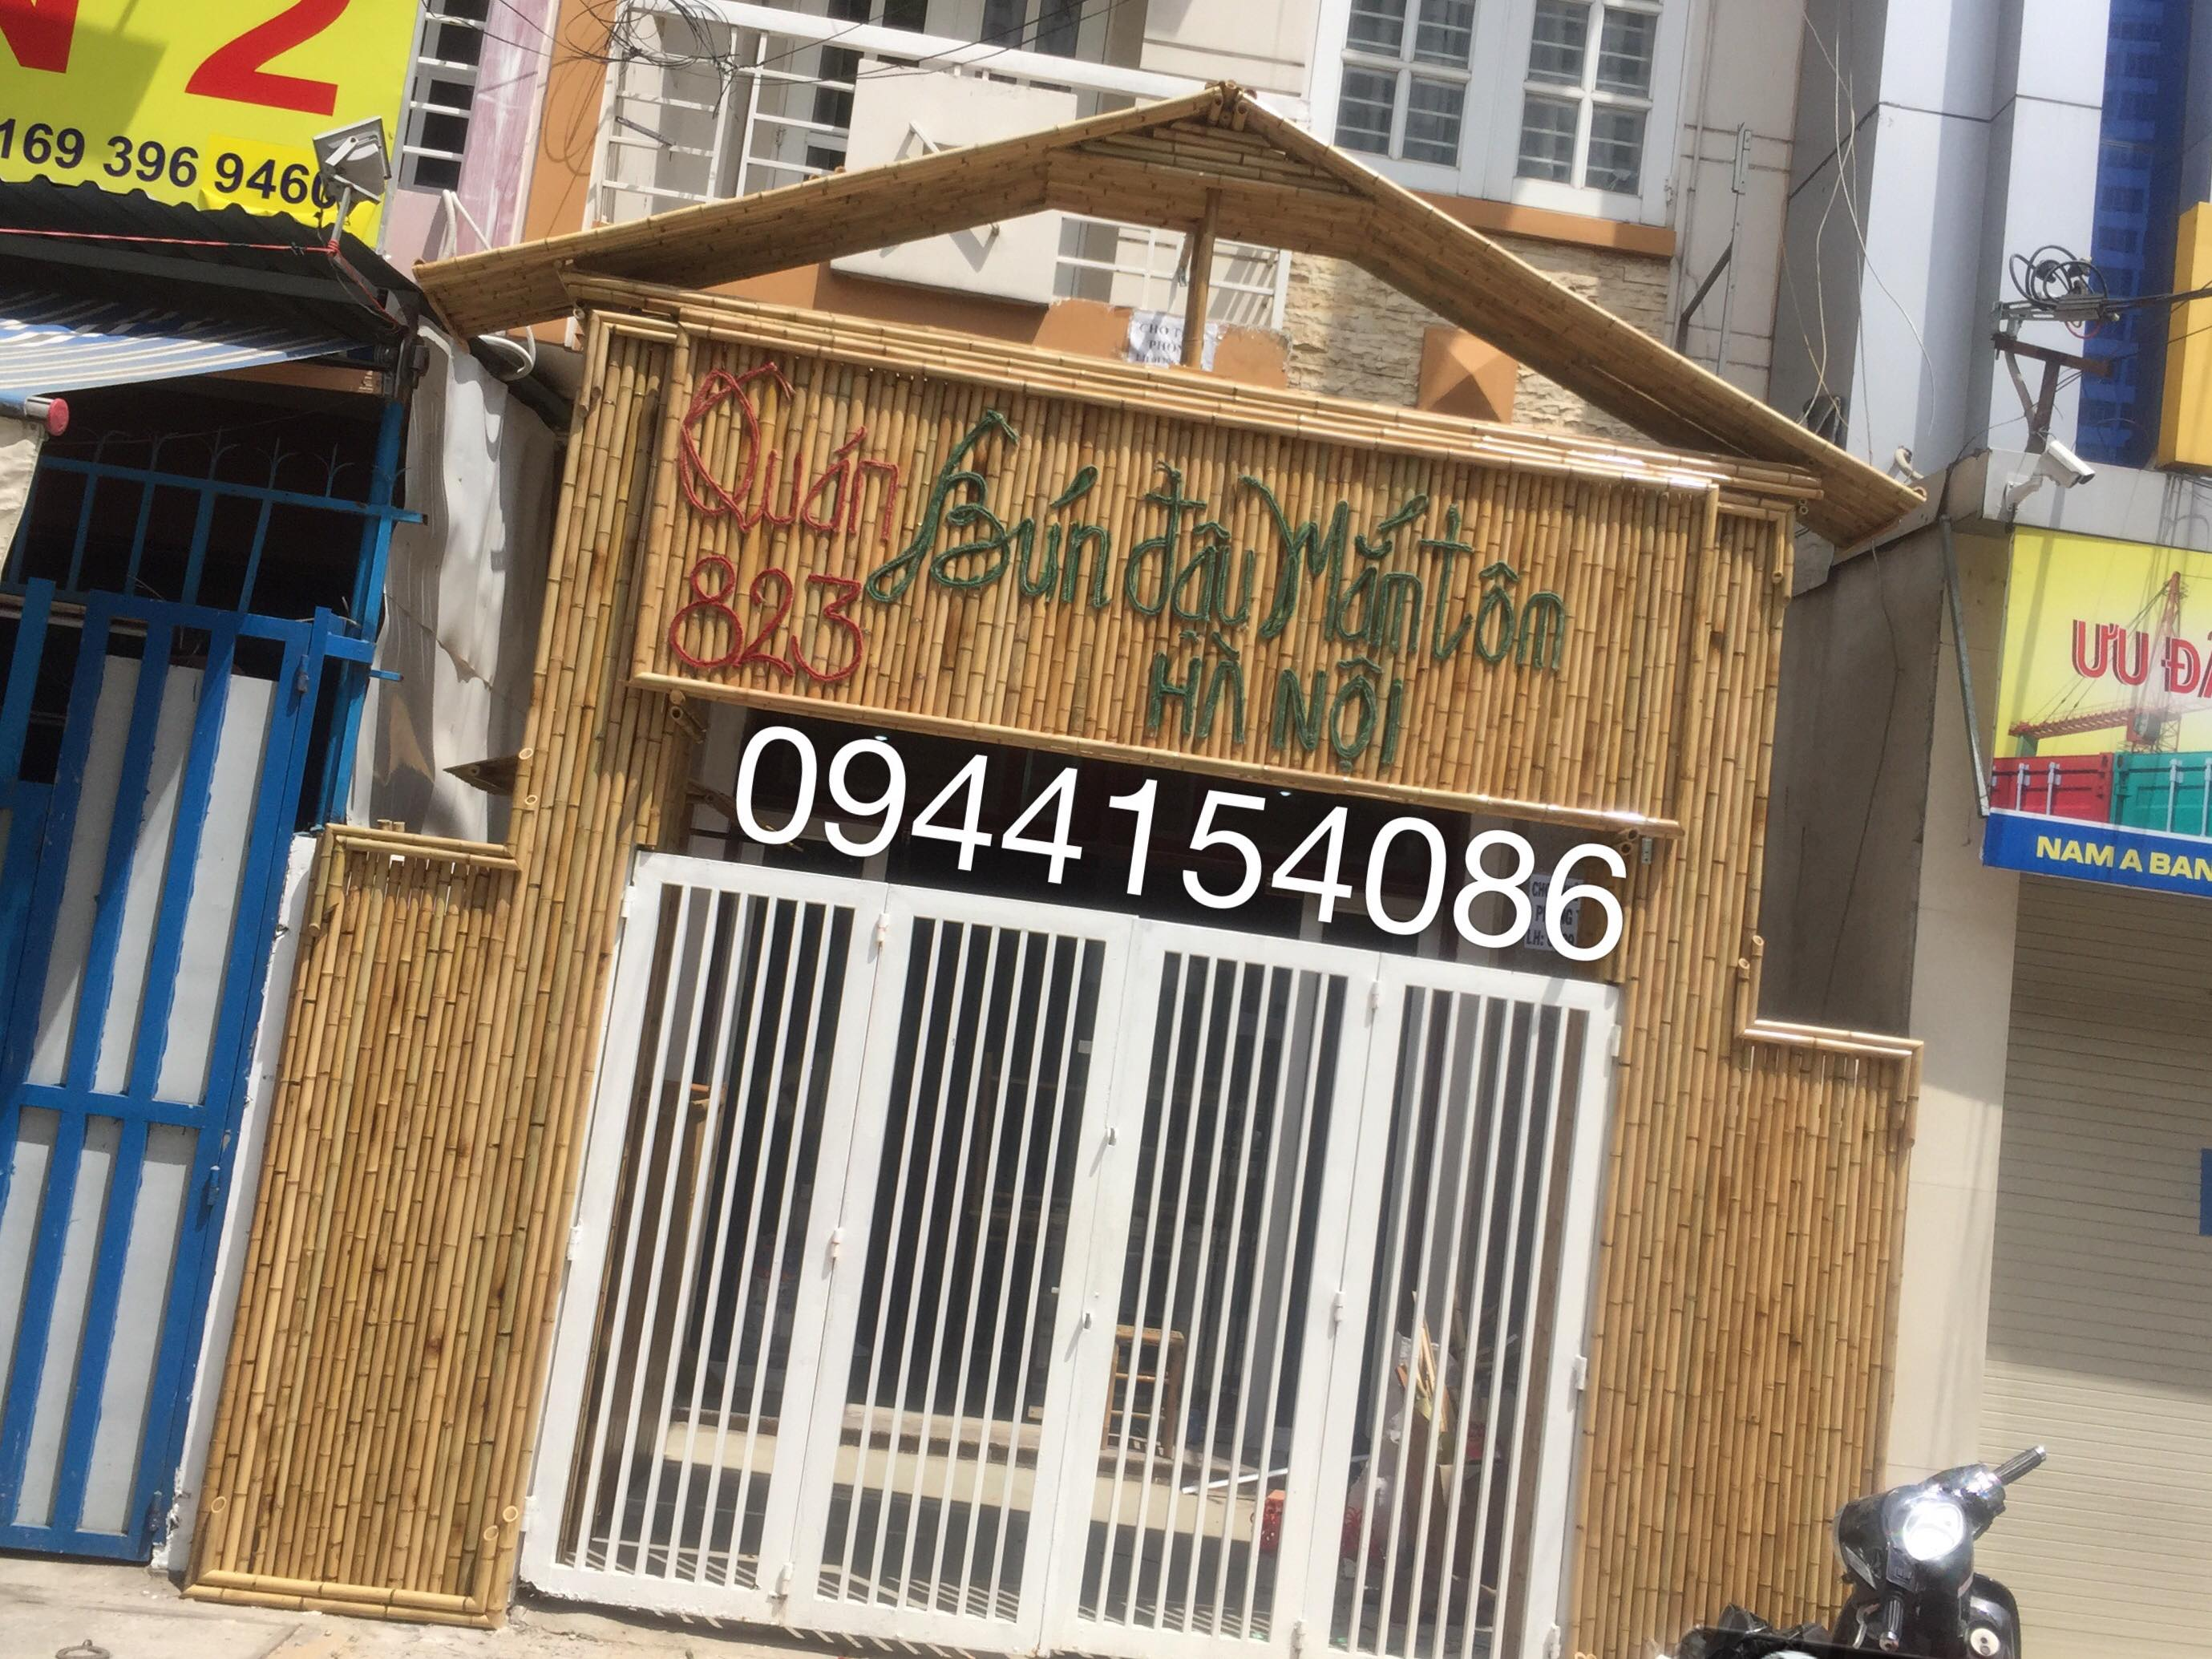 Thi công tre trúc nhận thi công trang trí quán bún đậu tại Sài Gòn